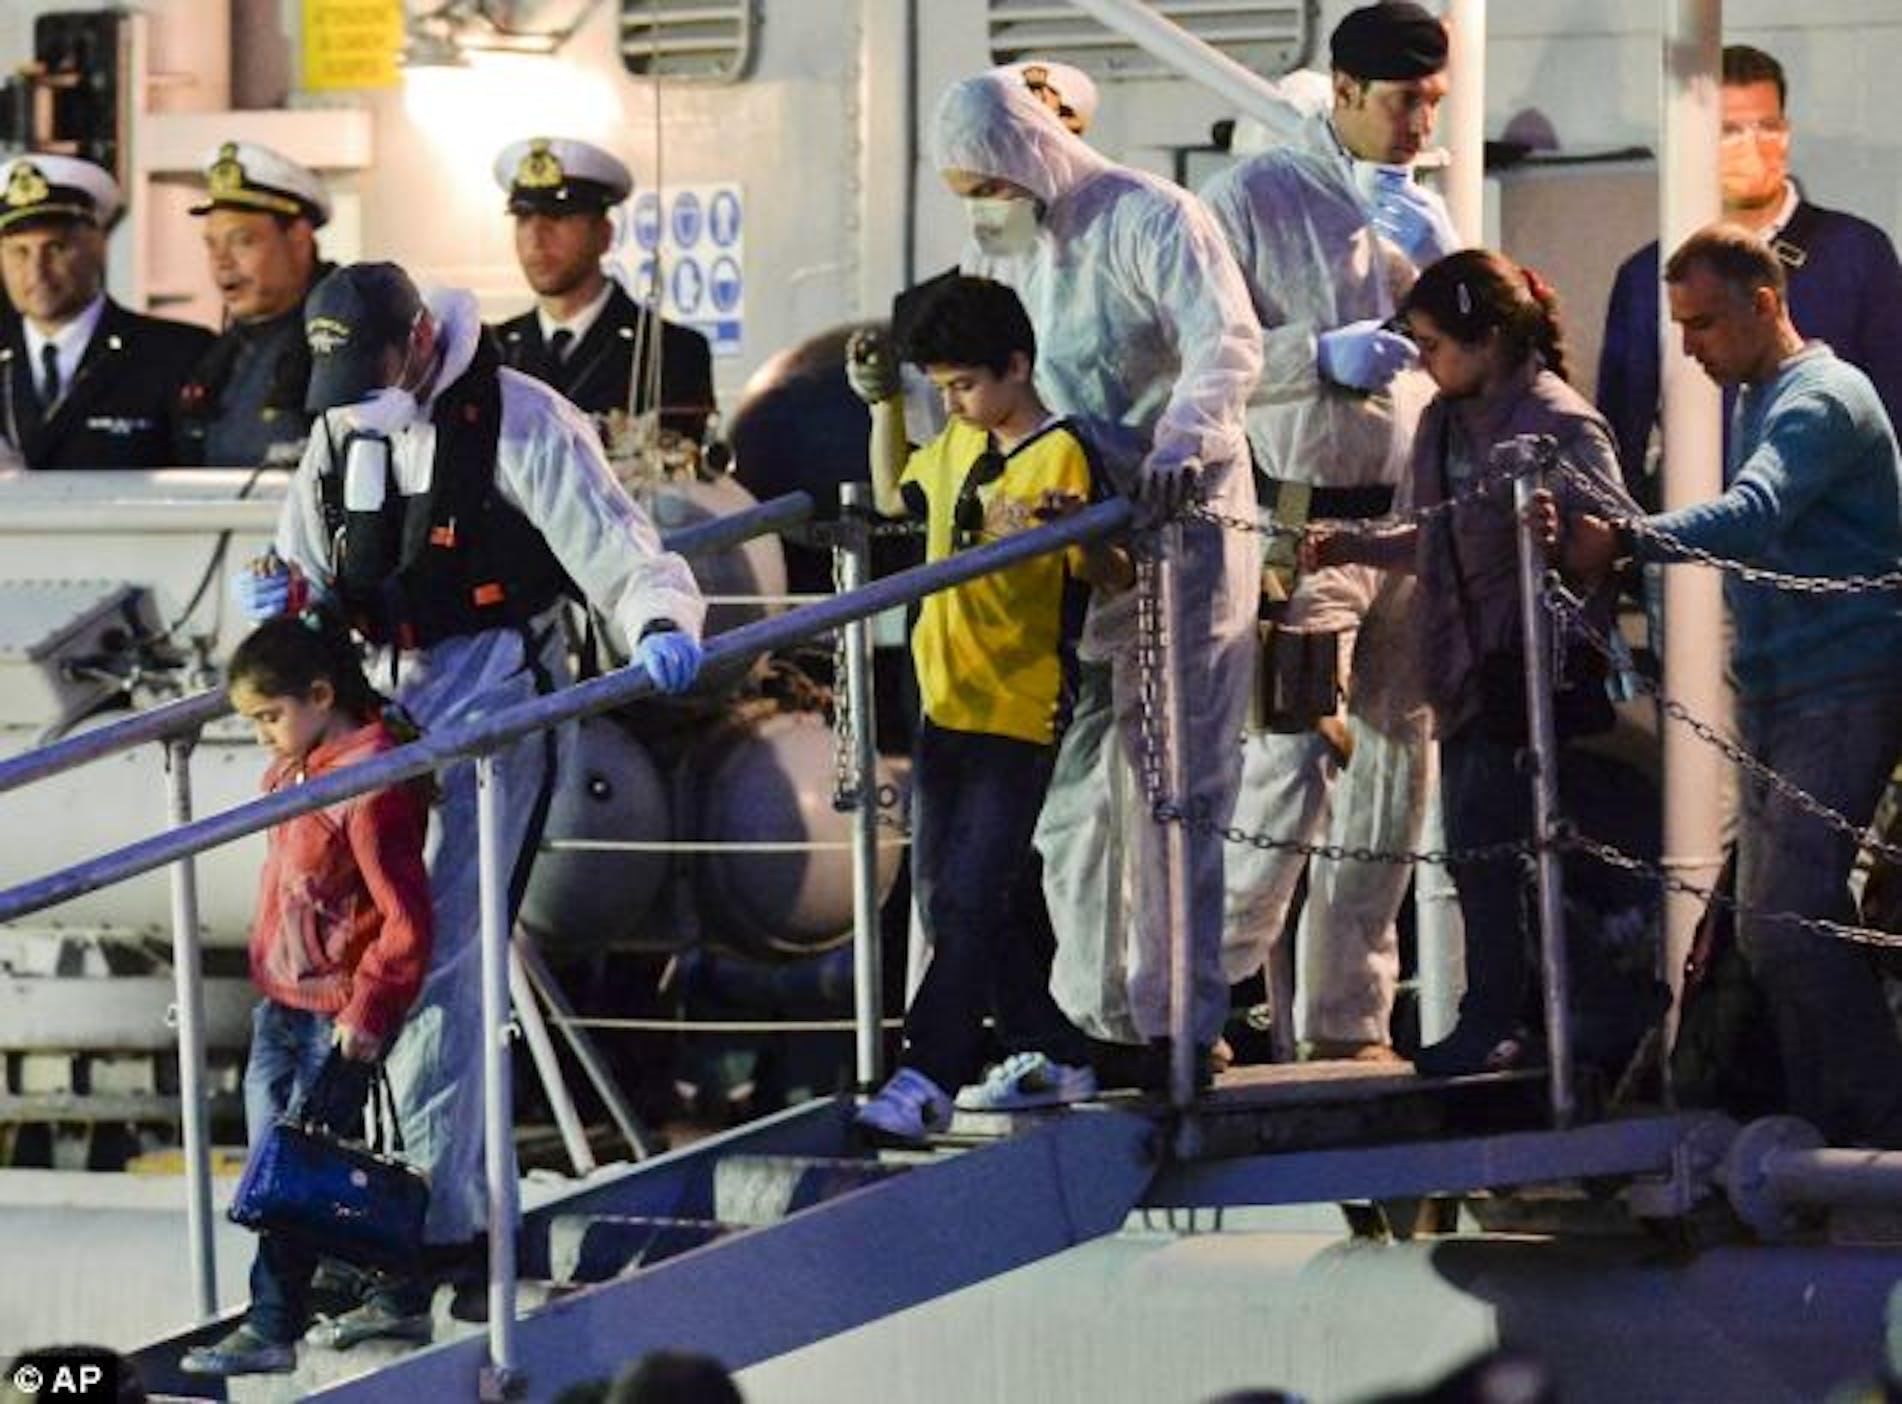 Le operazioni di sbarco nel porto di Catania di 200 migranti (in gran parte donne e bambini) salvati dalla fregata